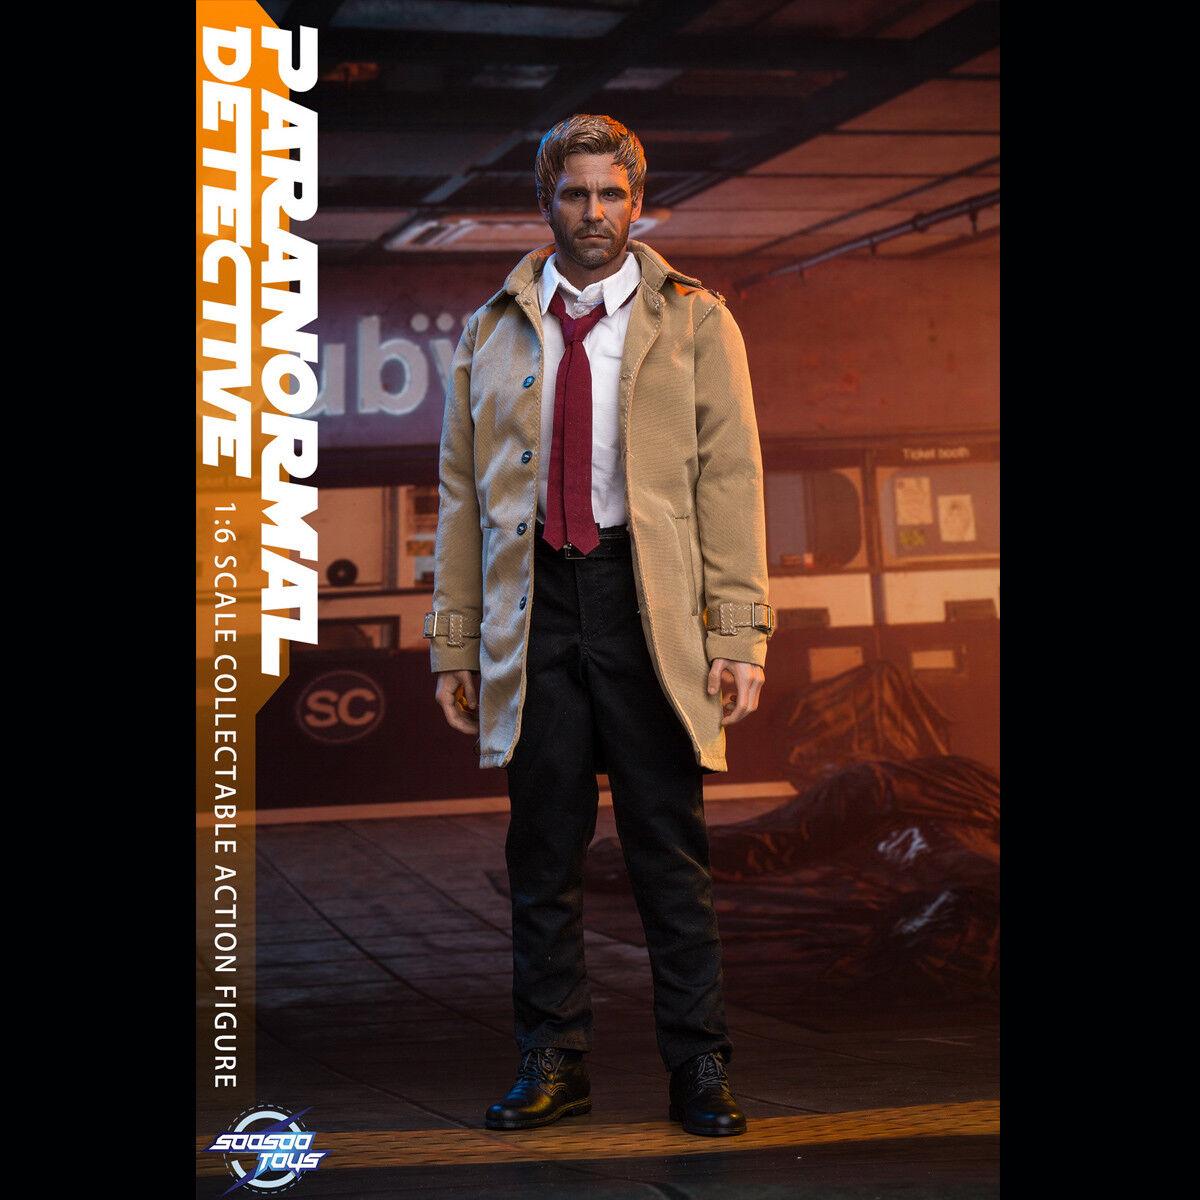 SoosooJuguetes SST-007 1 6 Escala Figura De Acción Coleccionable Paranormal Detective